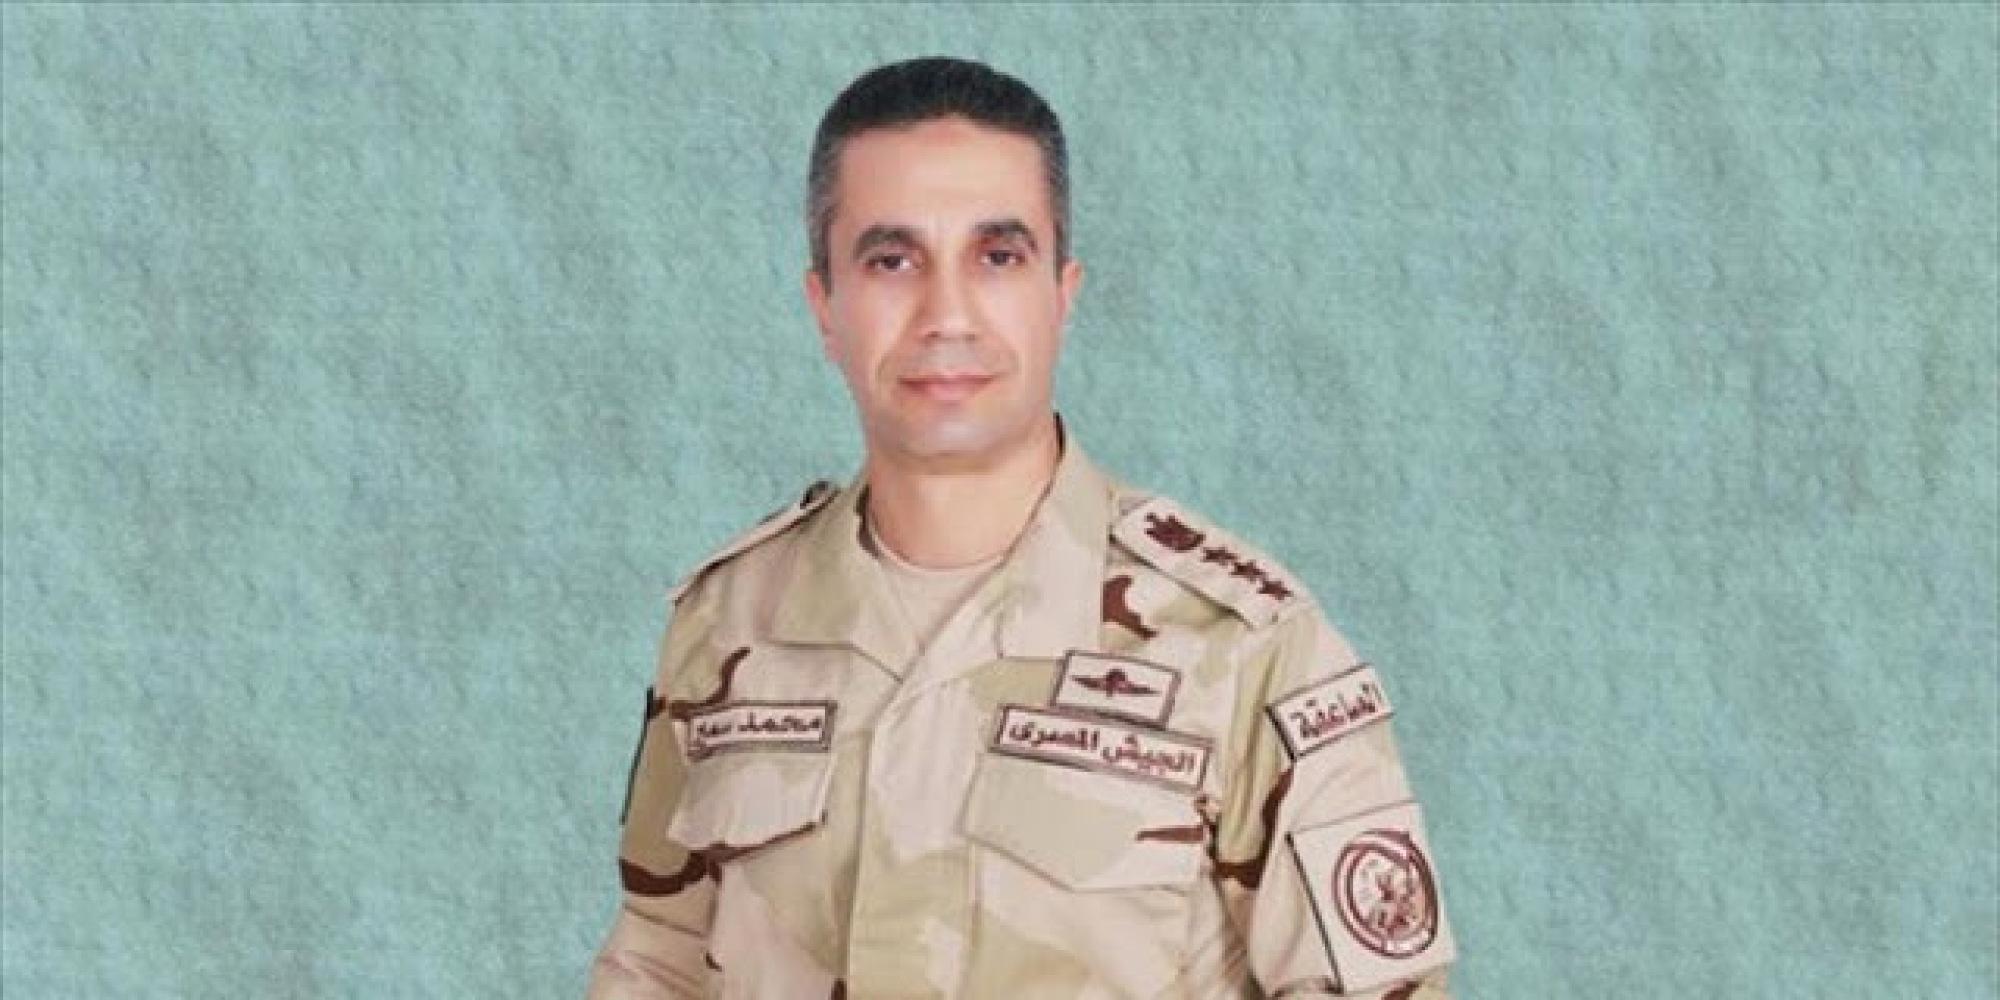 المتحدث باسم الجيش المصري يتولى إدارة قناة فضائية بعد ترك منصبه.. ماذا قال مصريون عن تعيينه؟